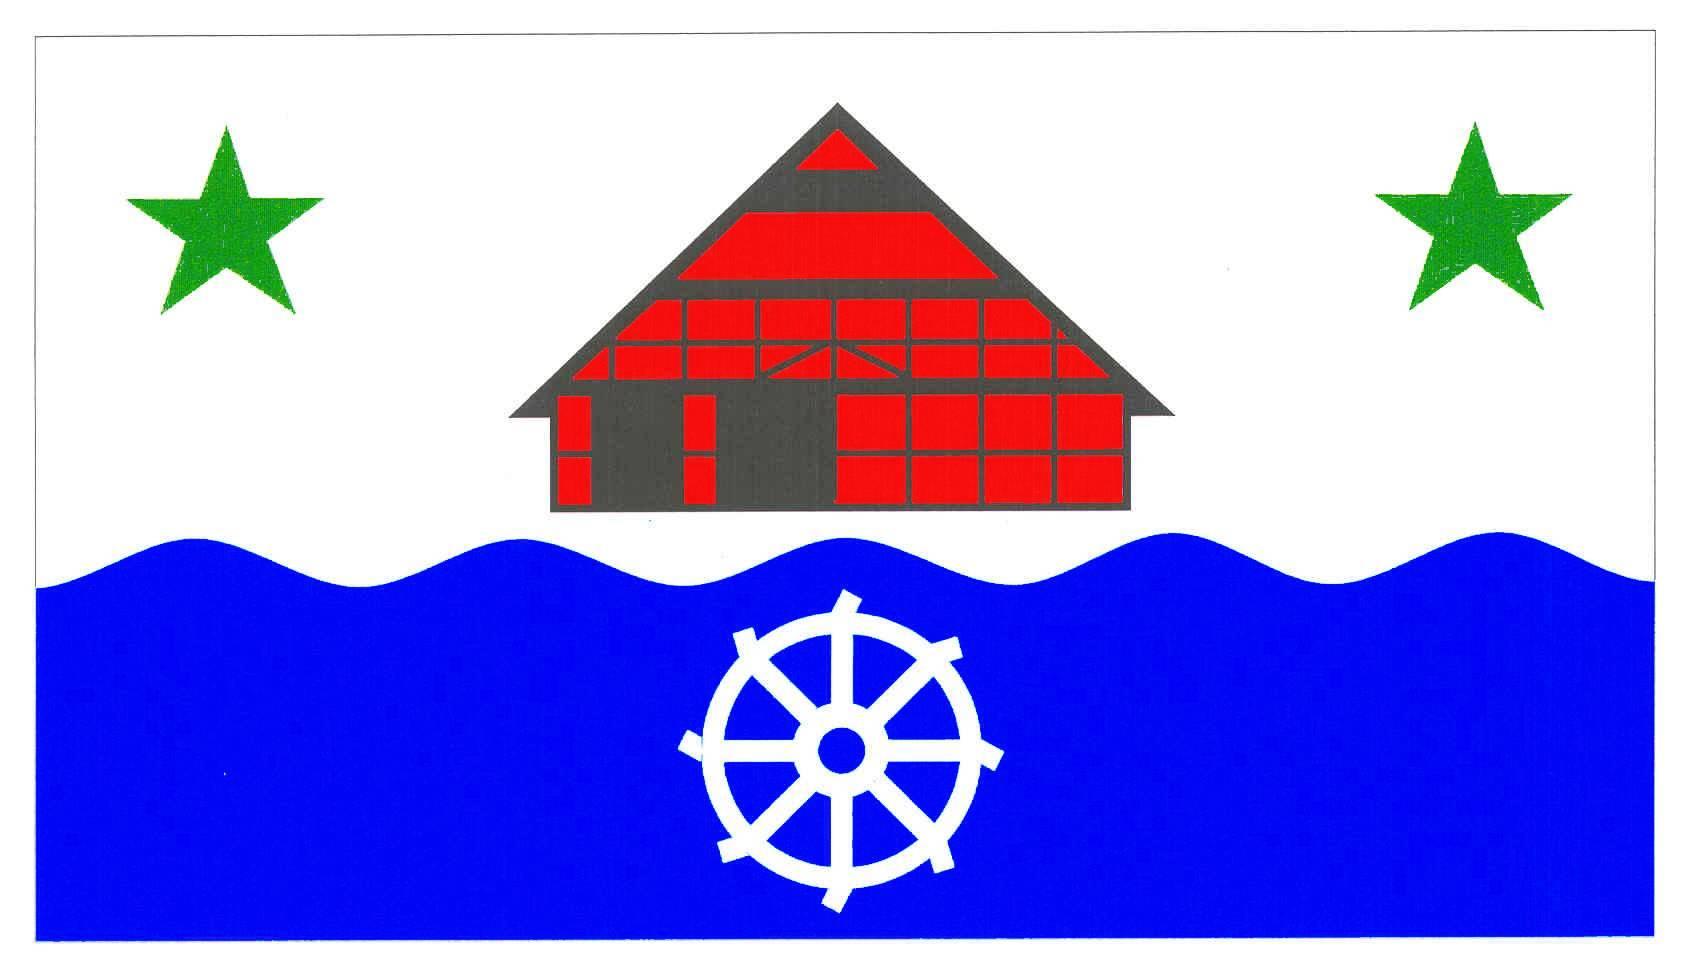 Flagge GemeindeMehlbek, Kreis Steinburg